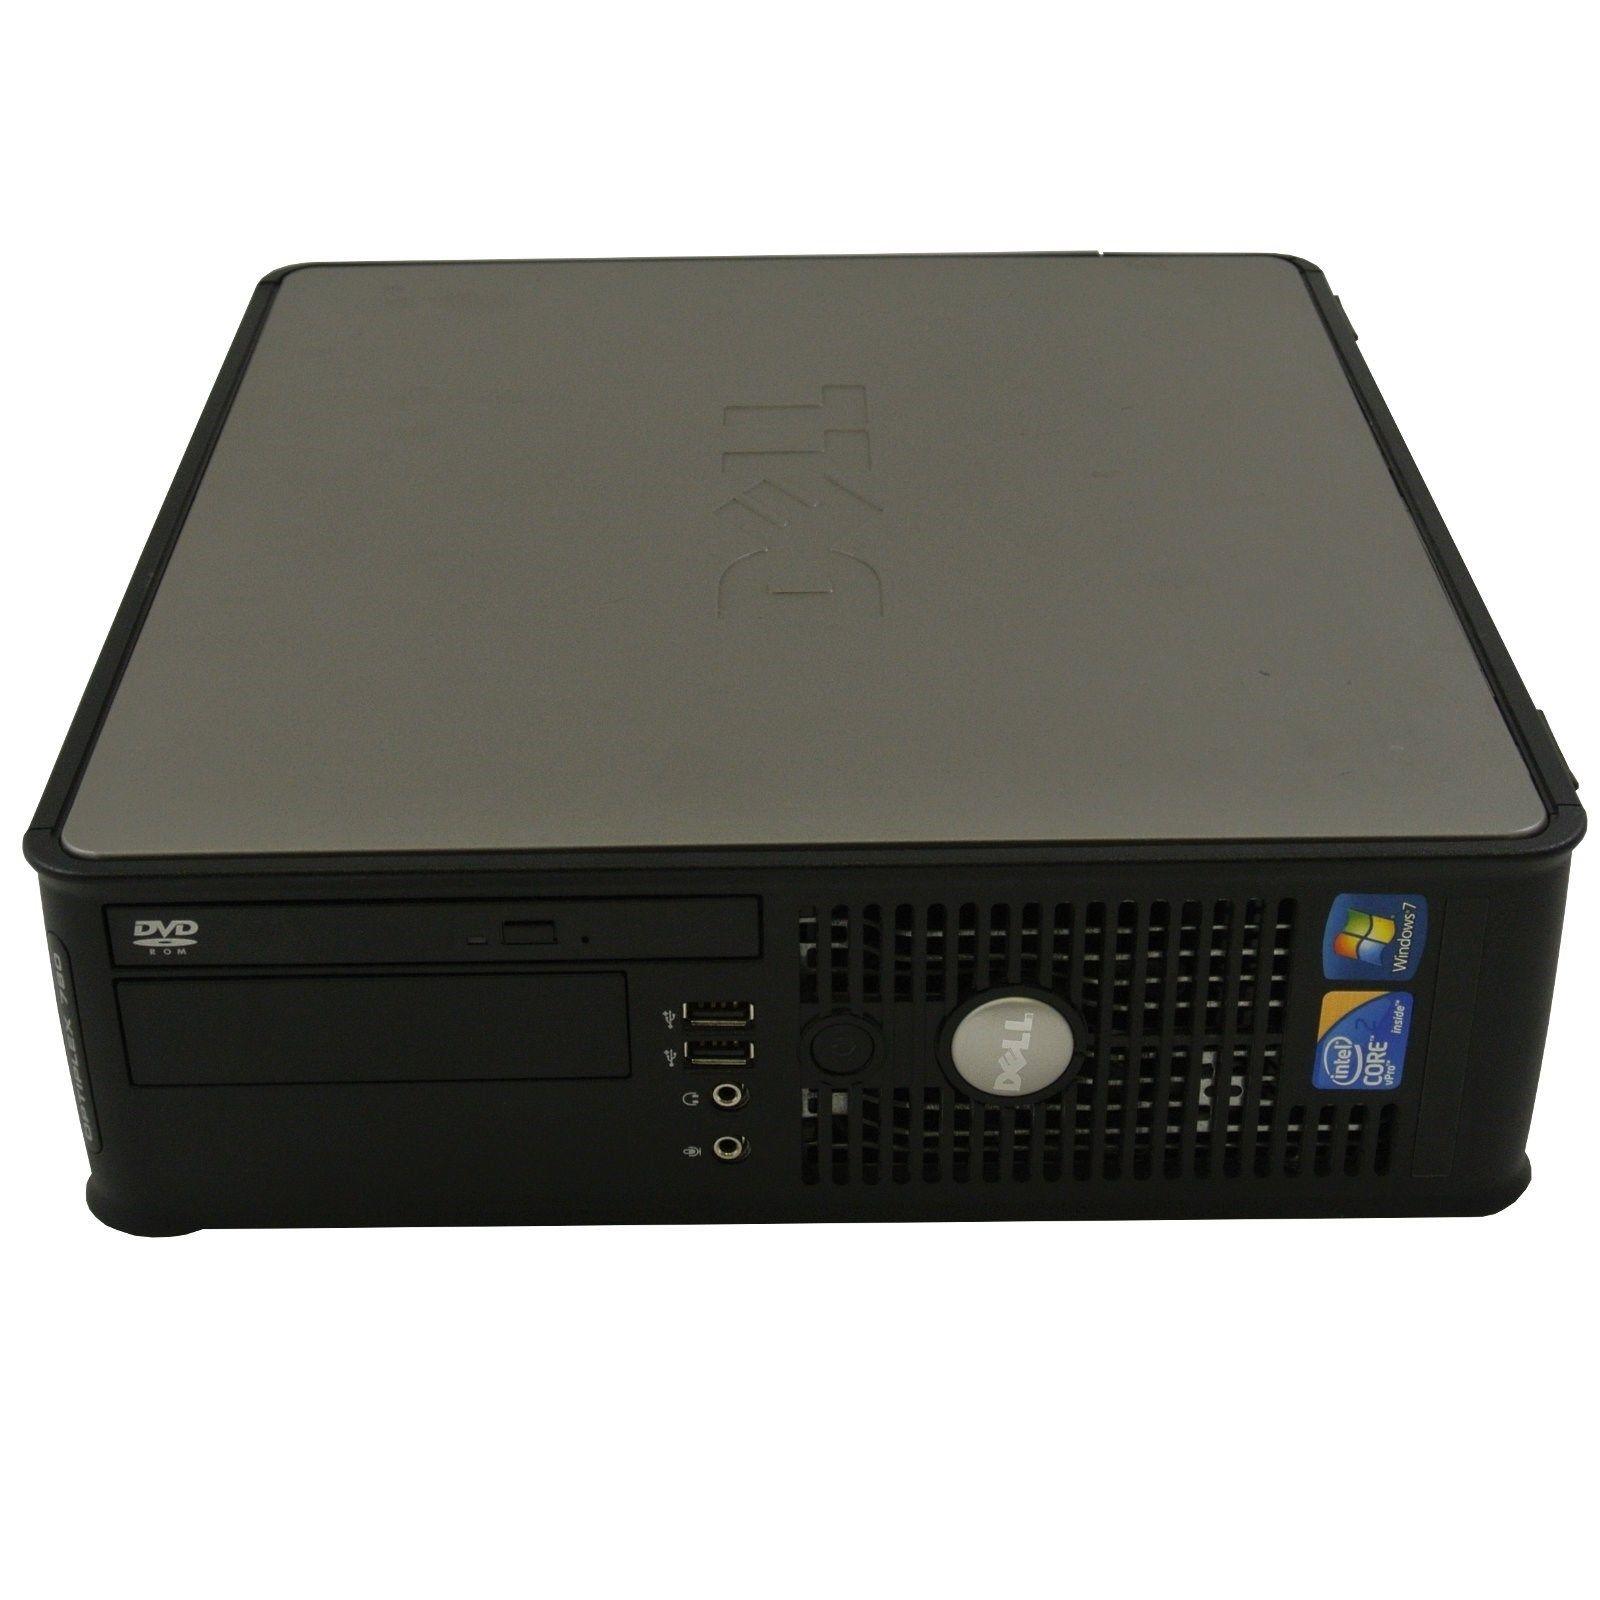 dell optiplex 780 sff desktop core 2 duo 3 0ghz 4gb 128gb ssd wifi dvd rw win 7 ebay dell optiplex 780 small form factor manual optiplex 780 sff specs